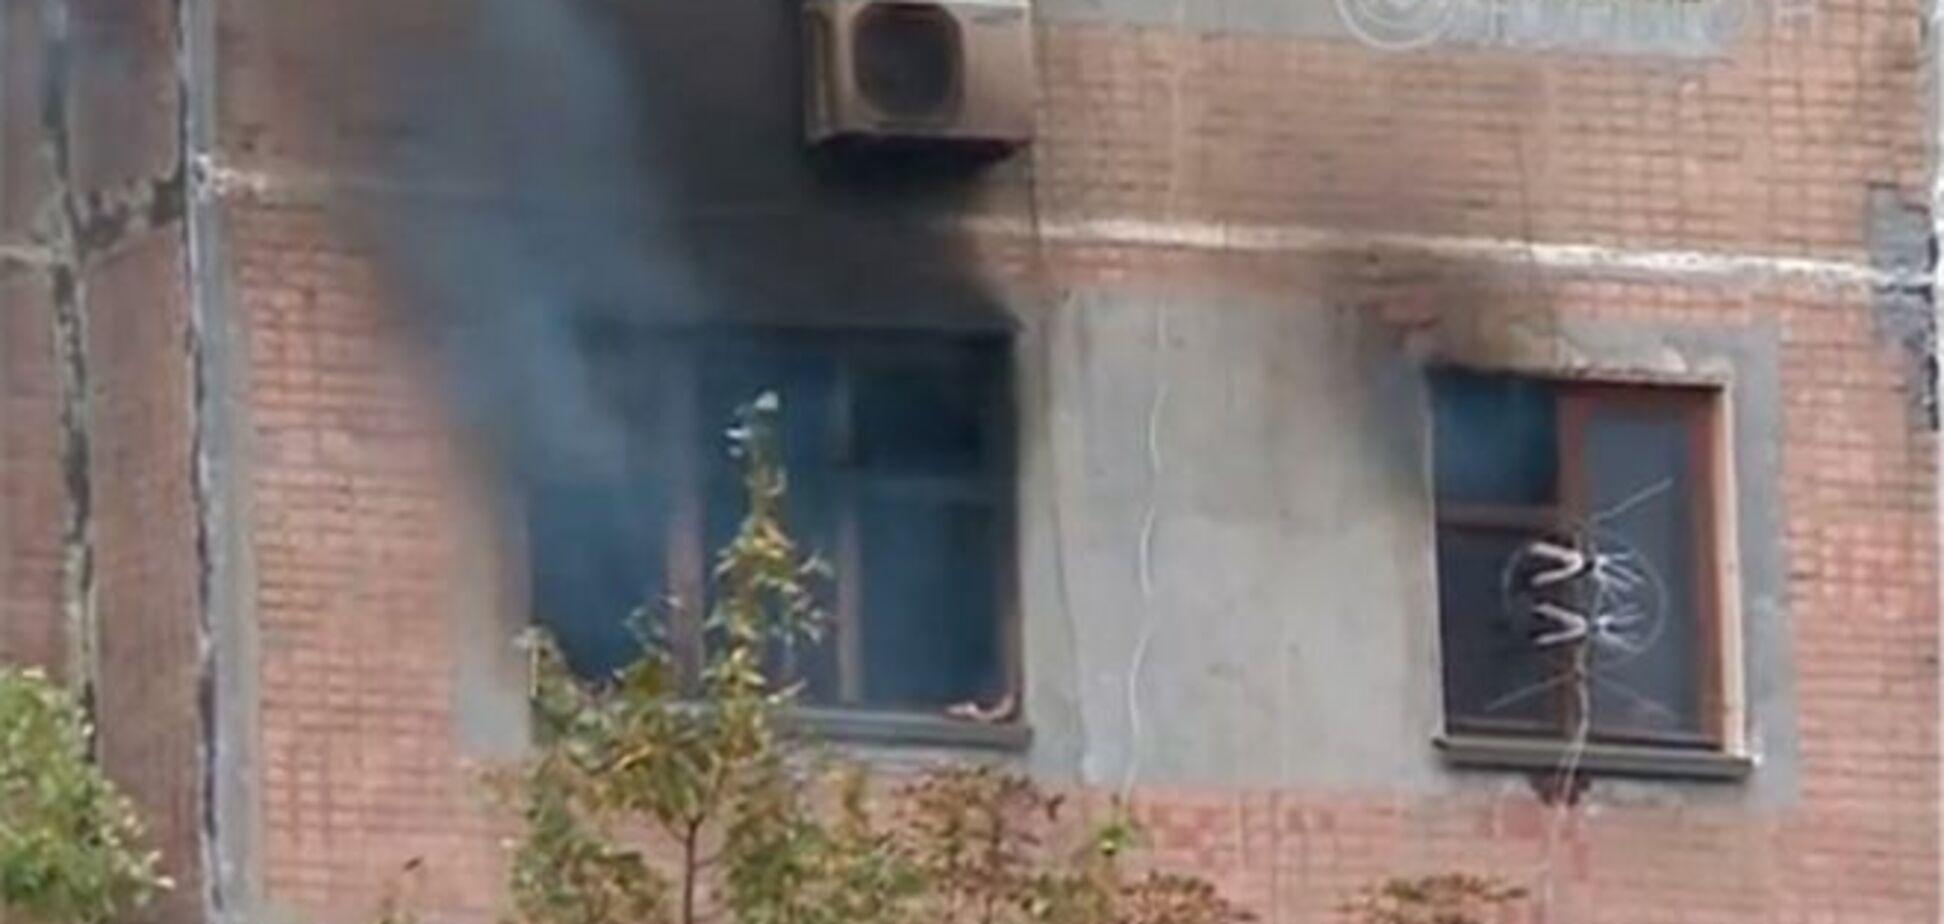 ГосЧС перевірить роботу рятувальників на пожежі в Макіївці